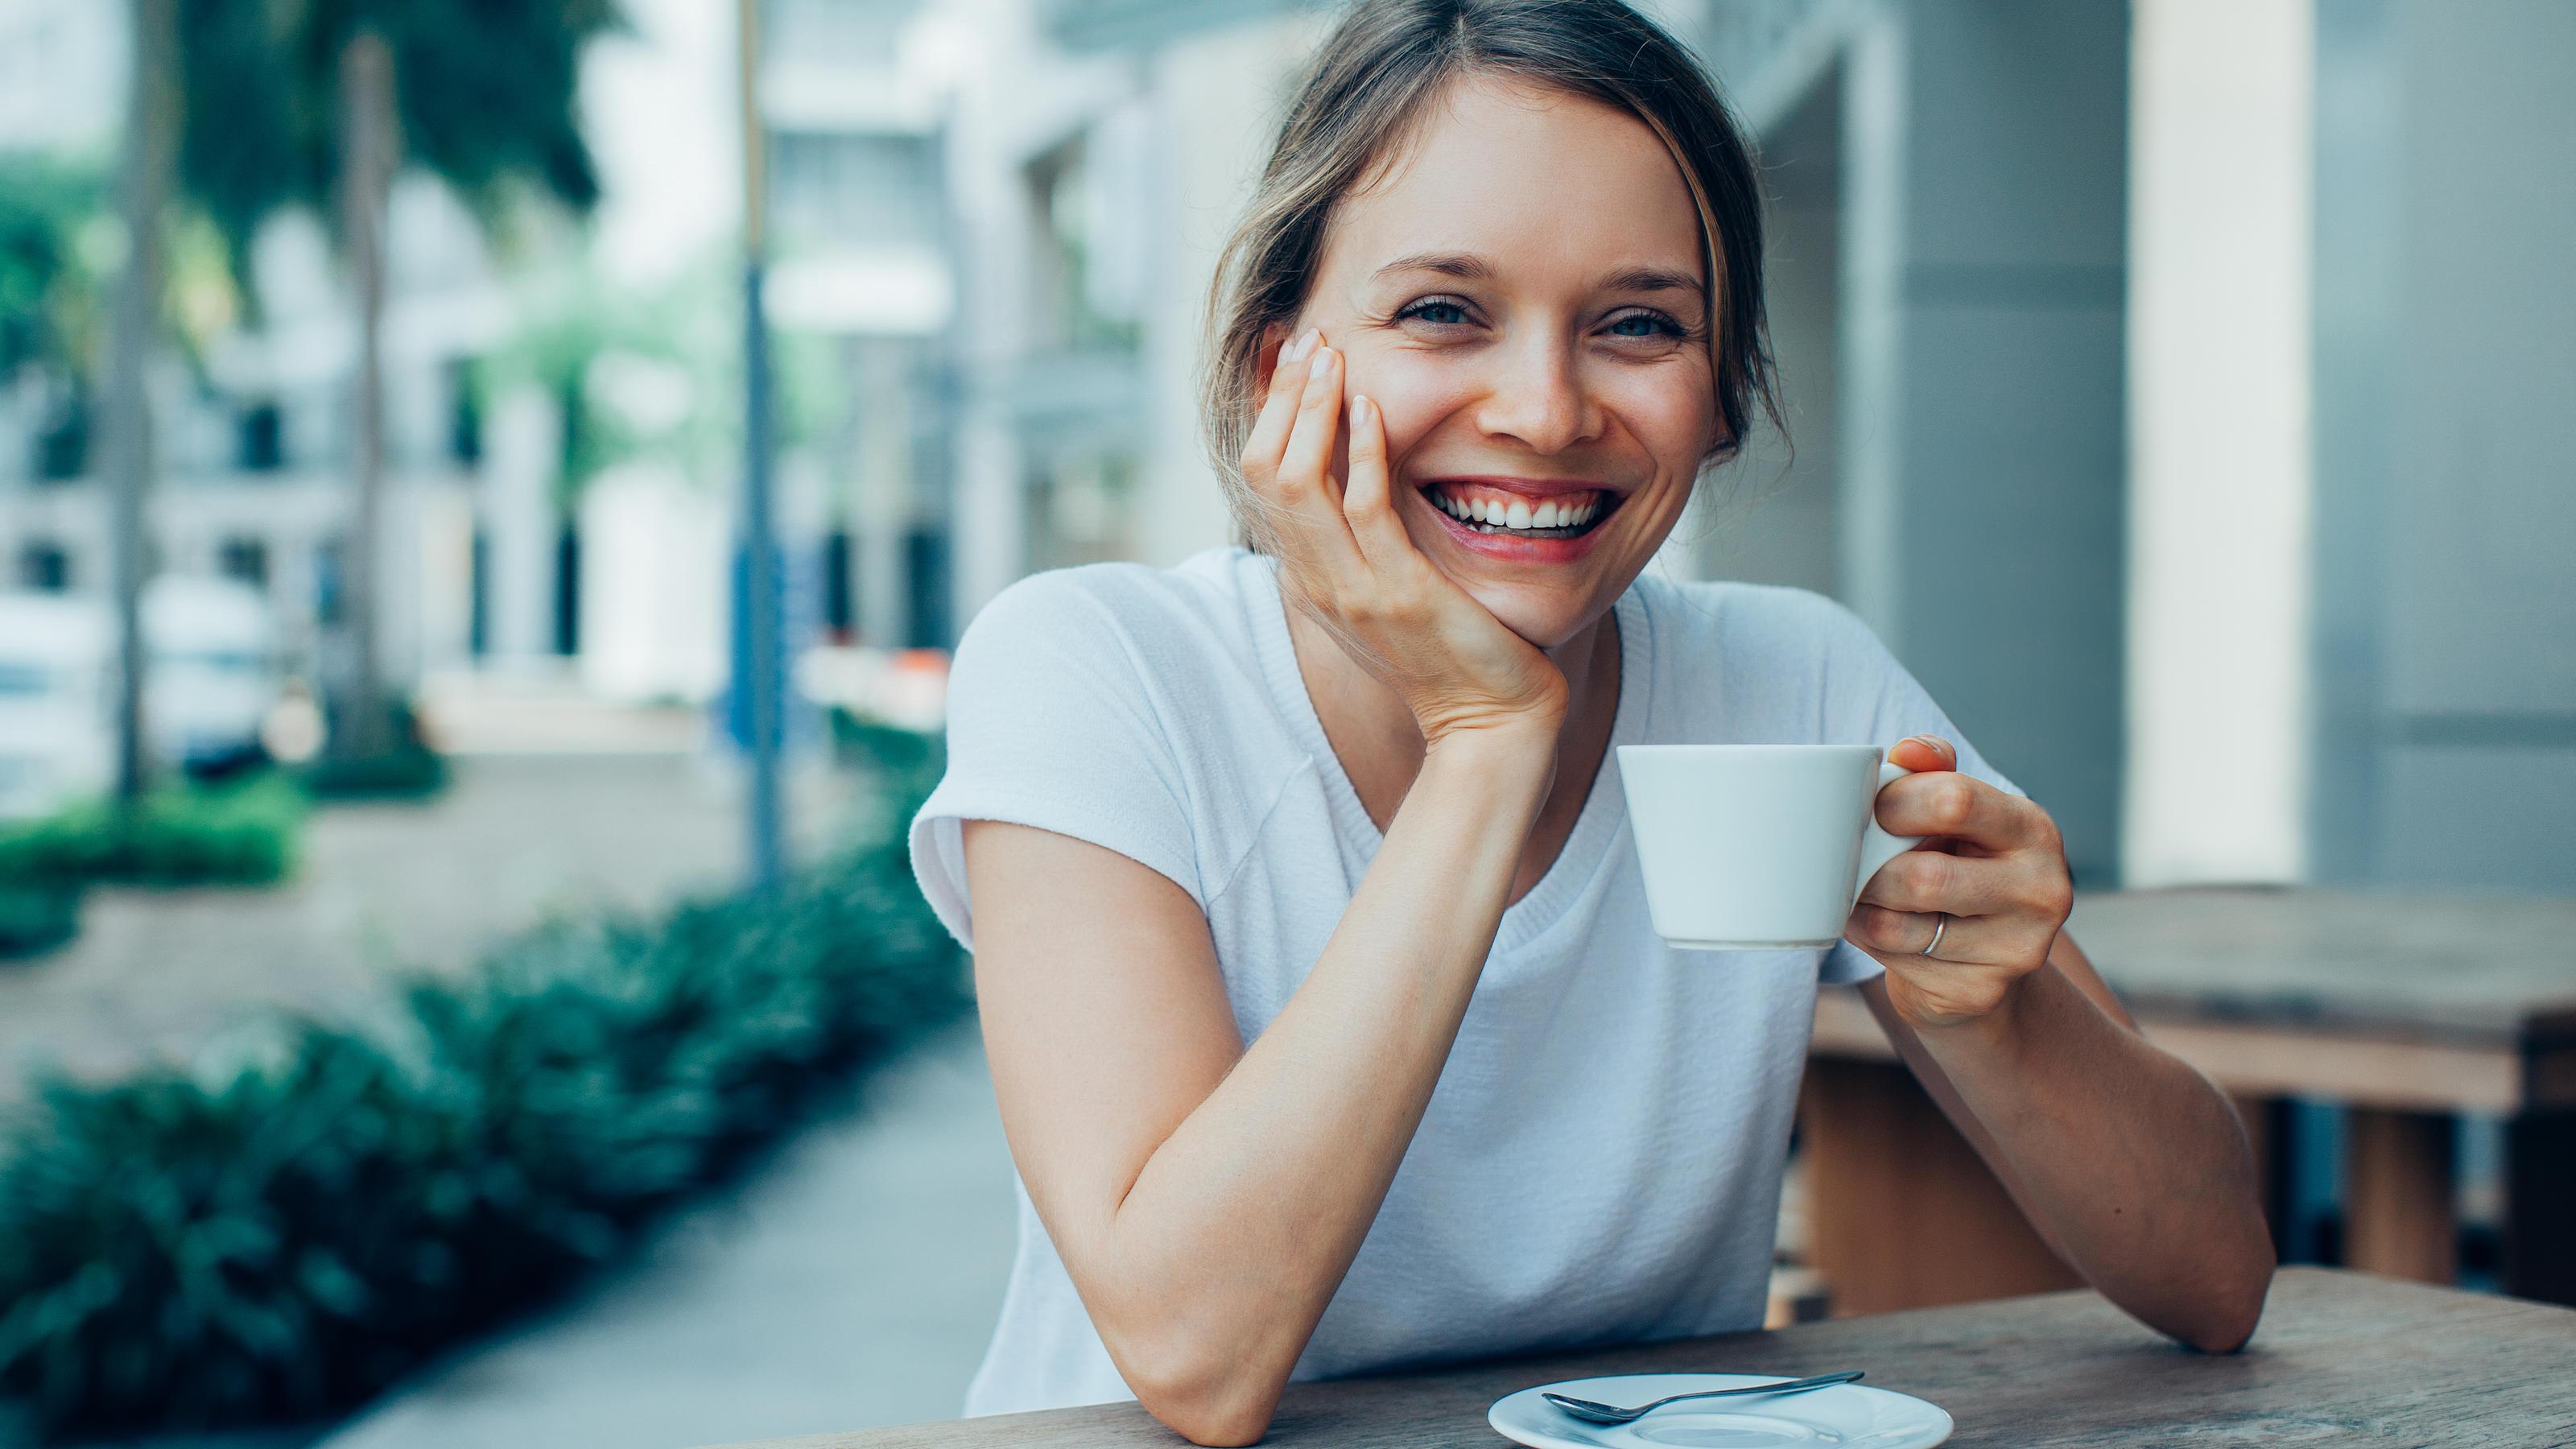 Ein Käffchen in Ehren kann niemand verwehren - das wäre auch keine gute Idee, denn Kaffee ist gesund.